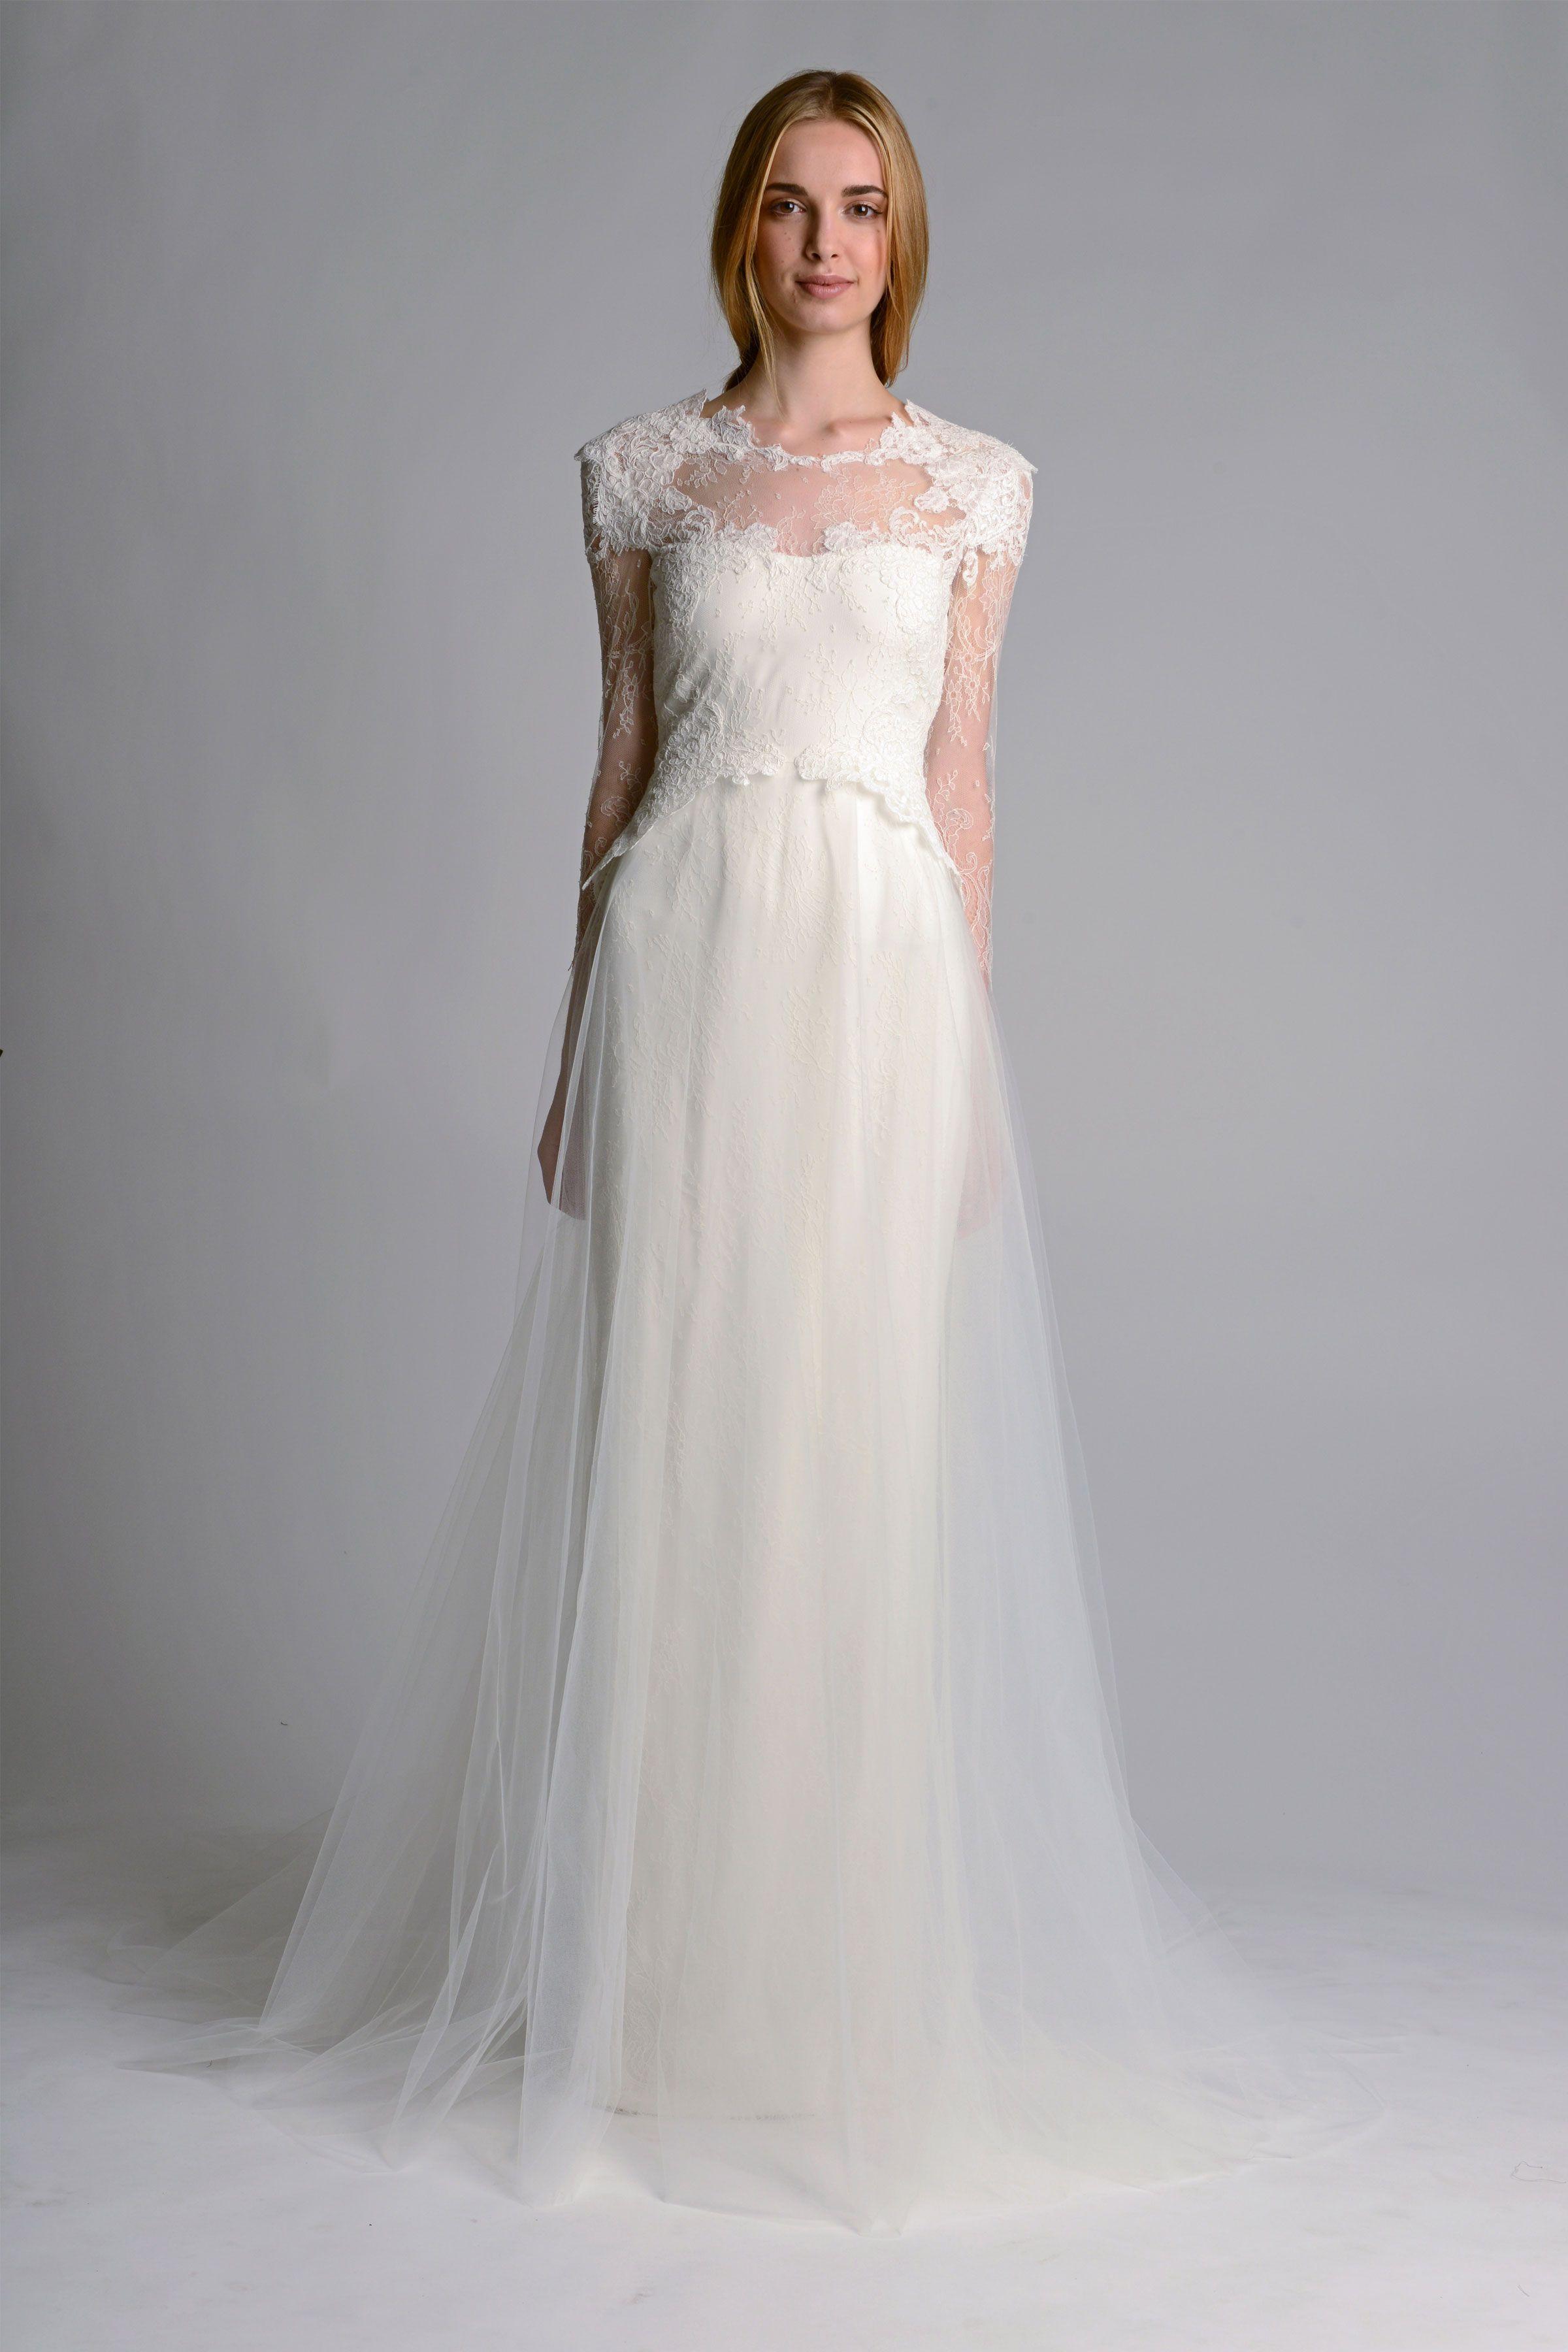 37 designer wedding dresses for fall 2014 couture wedding dress designers